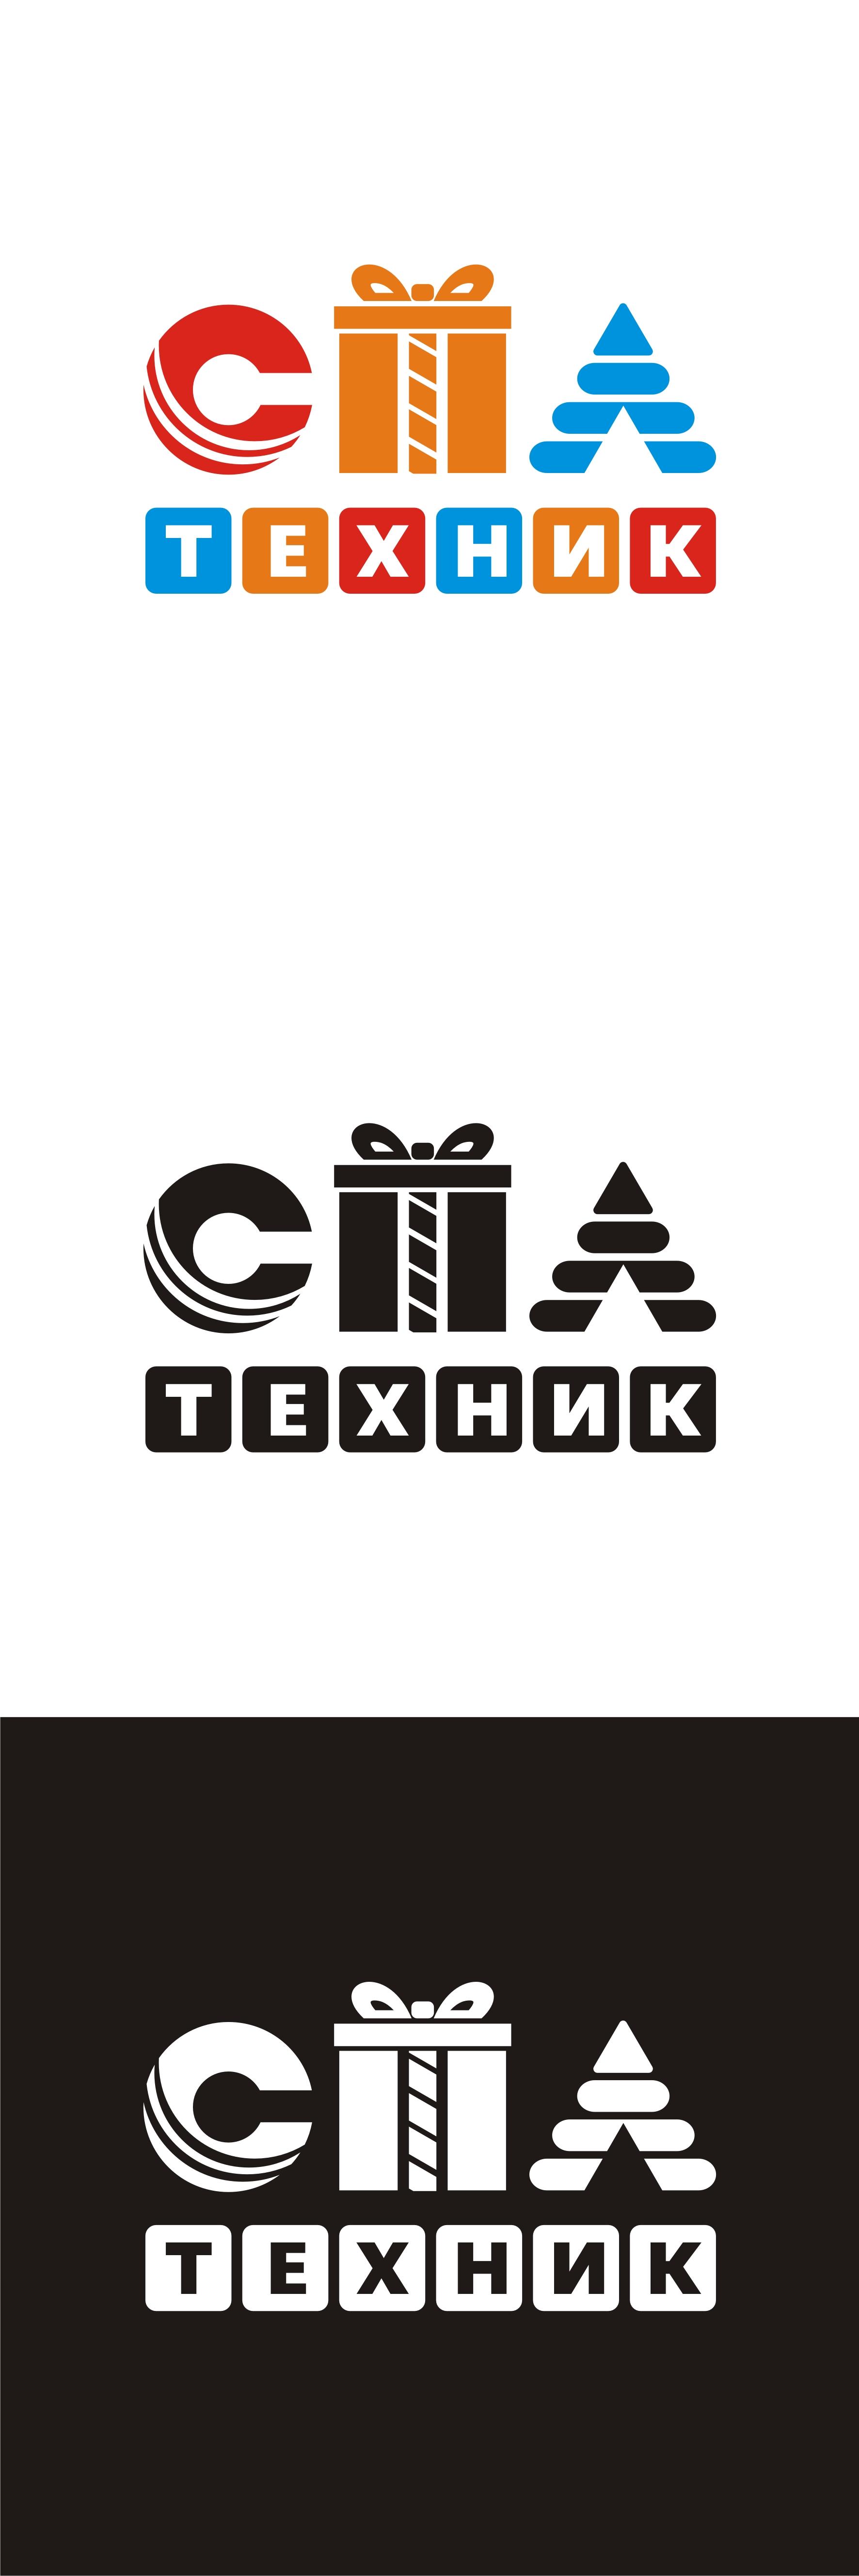 Разработка логотипа и фирменного стиля фото f_29059b069b1897f7.jpg